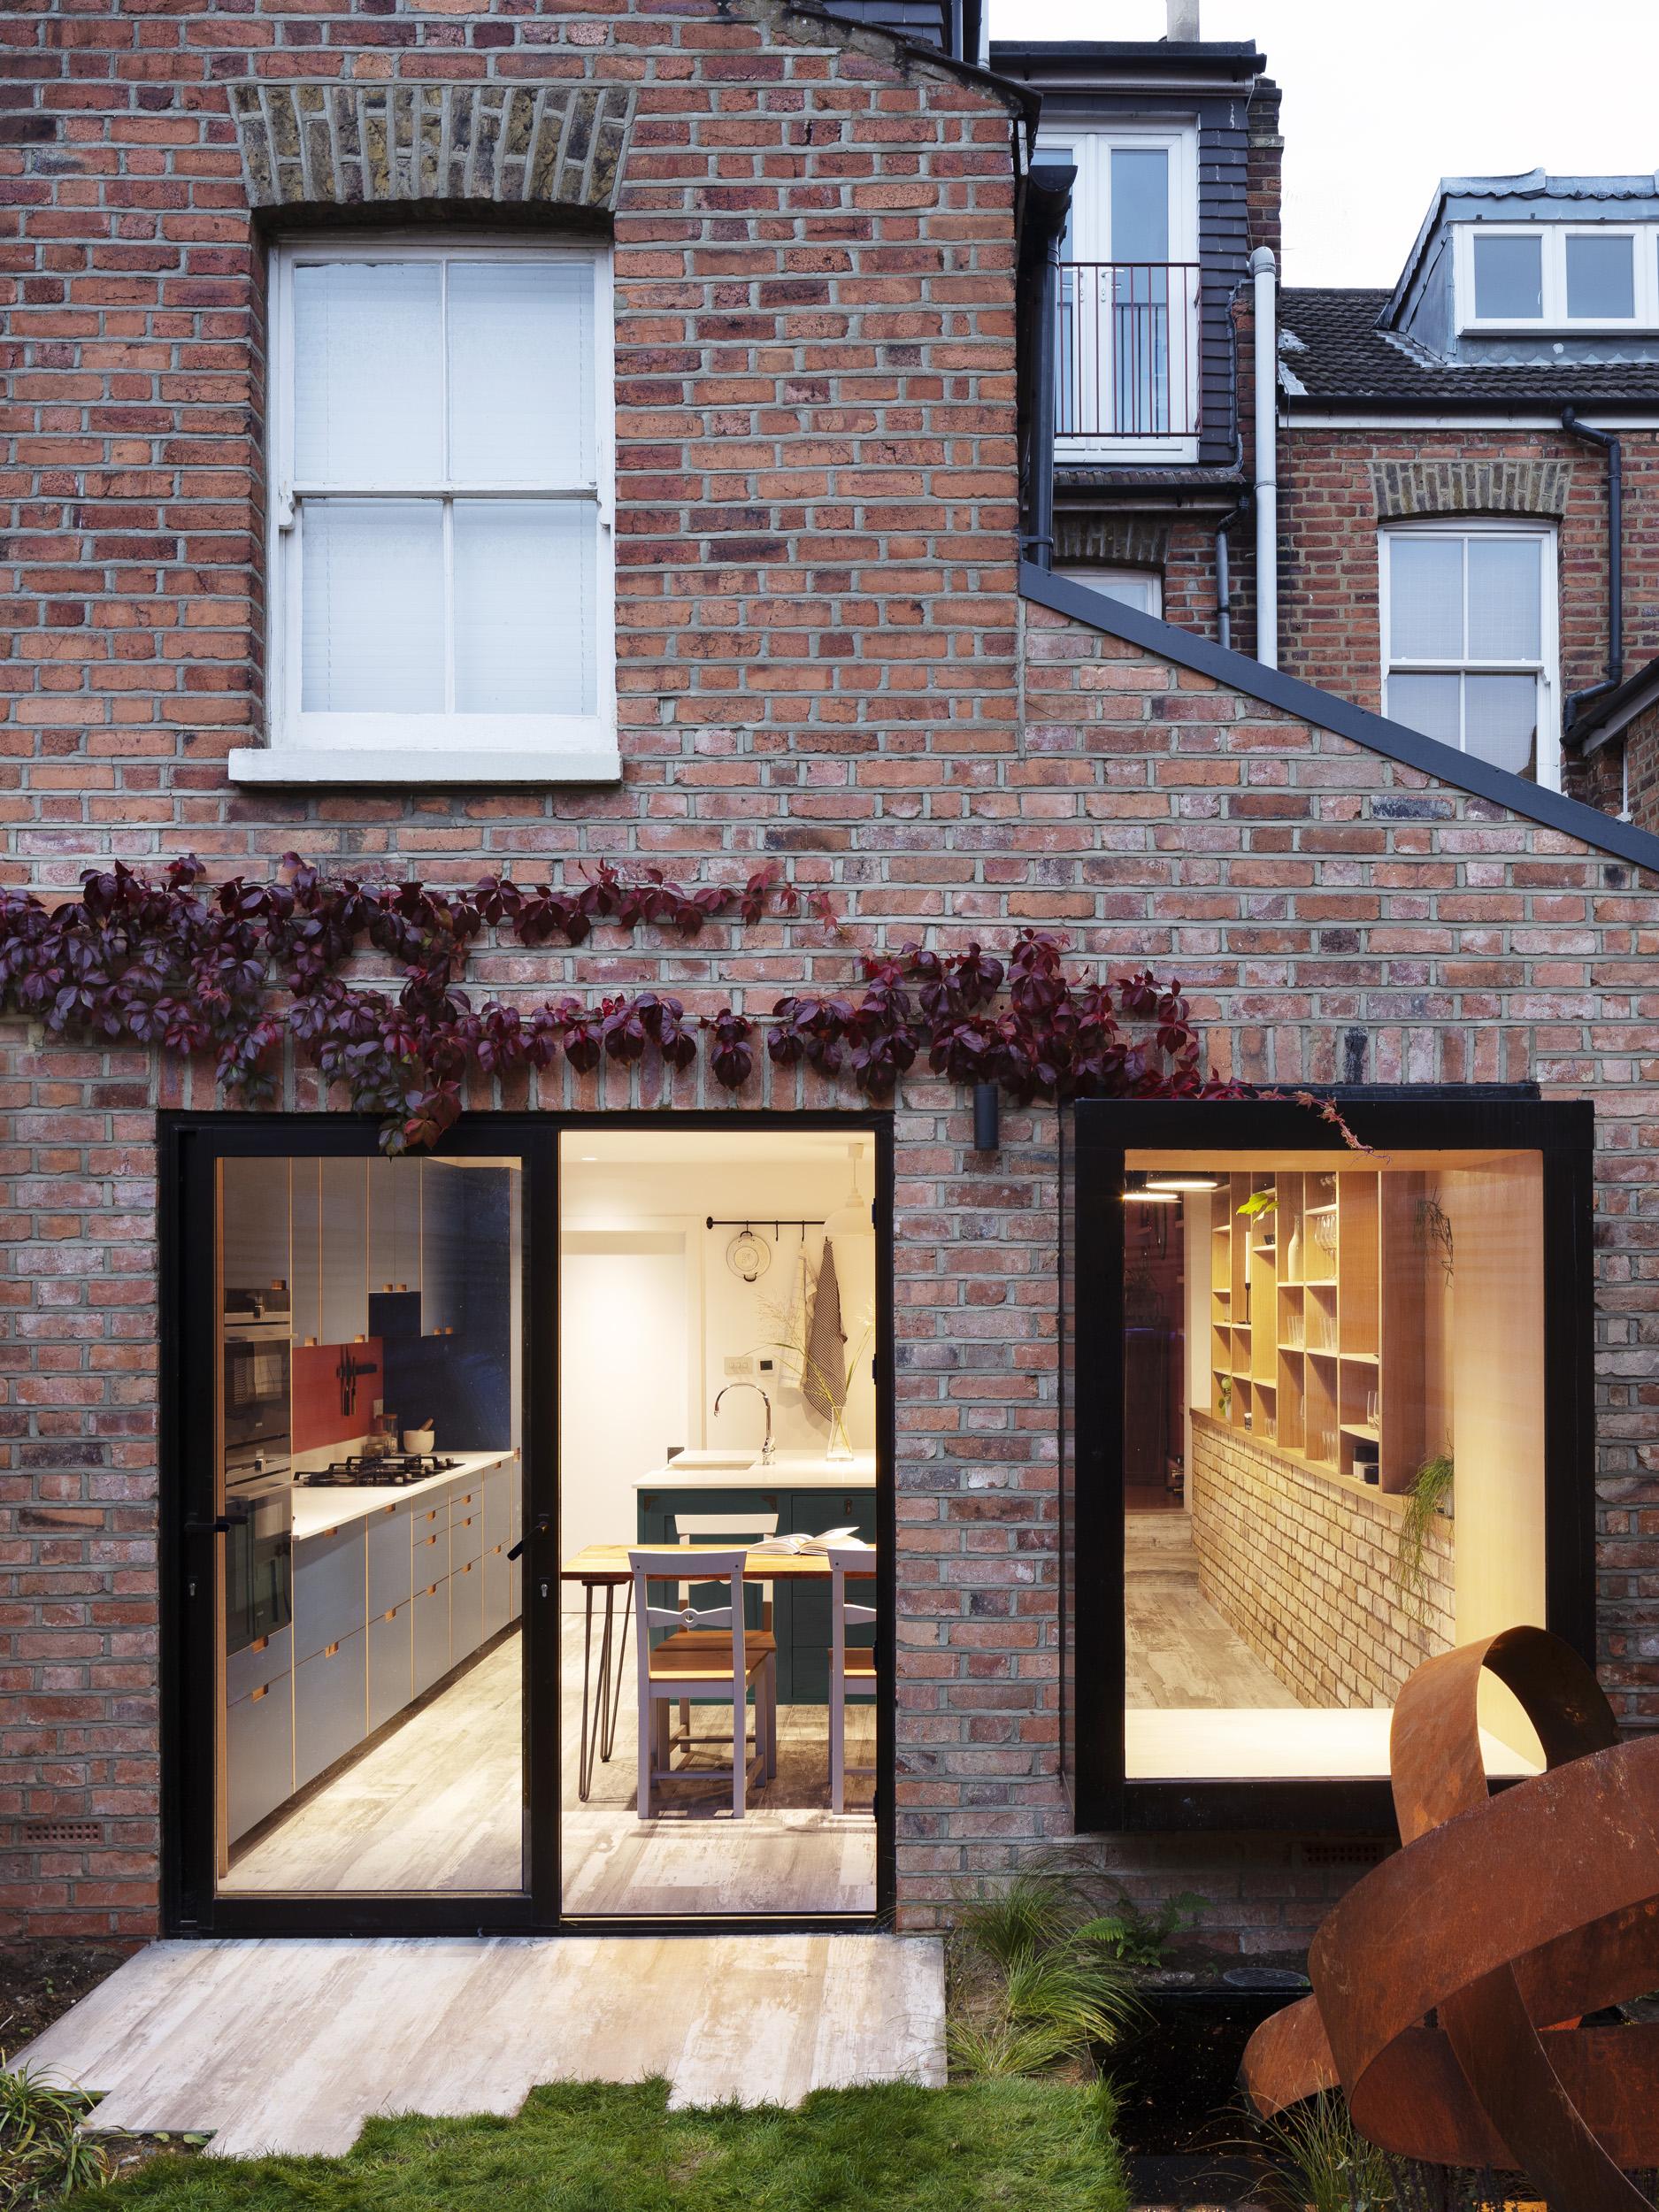 07.01.19 Almington Street House